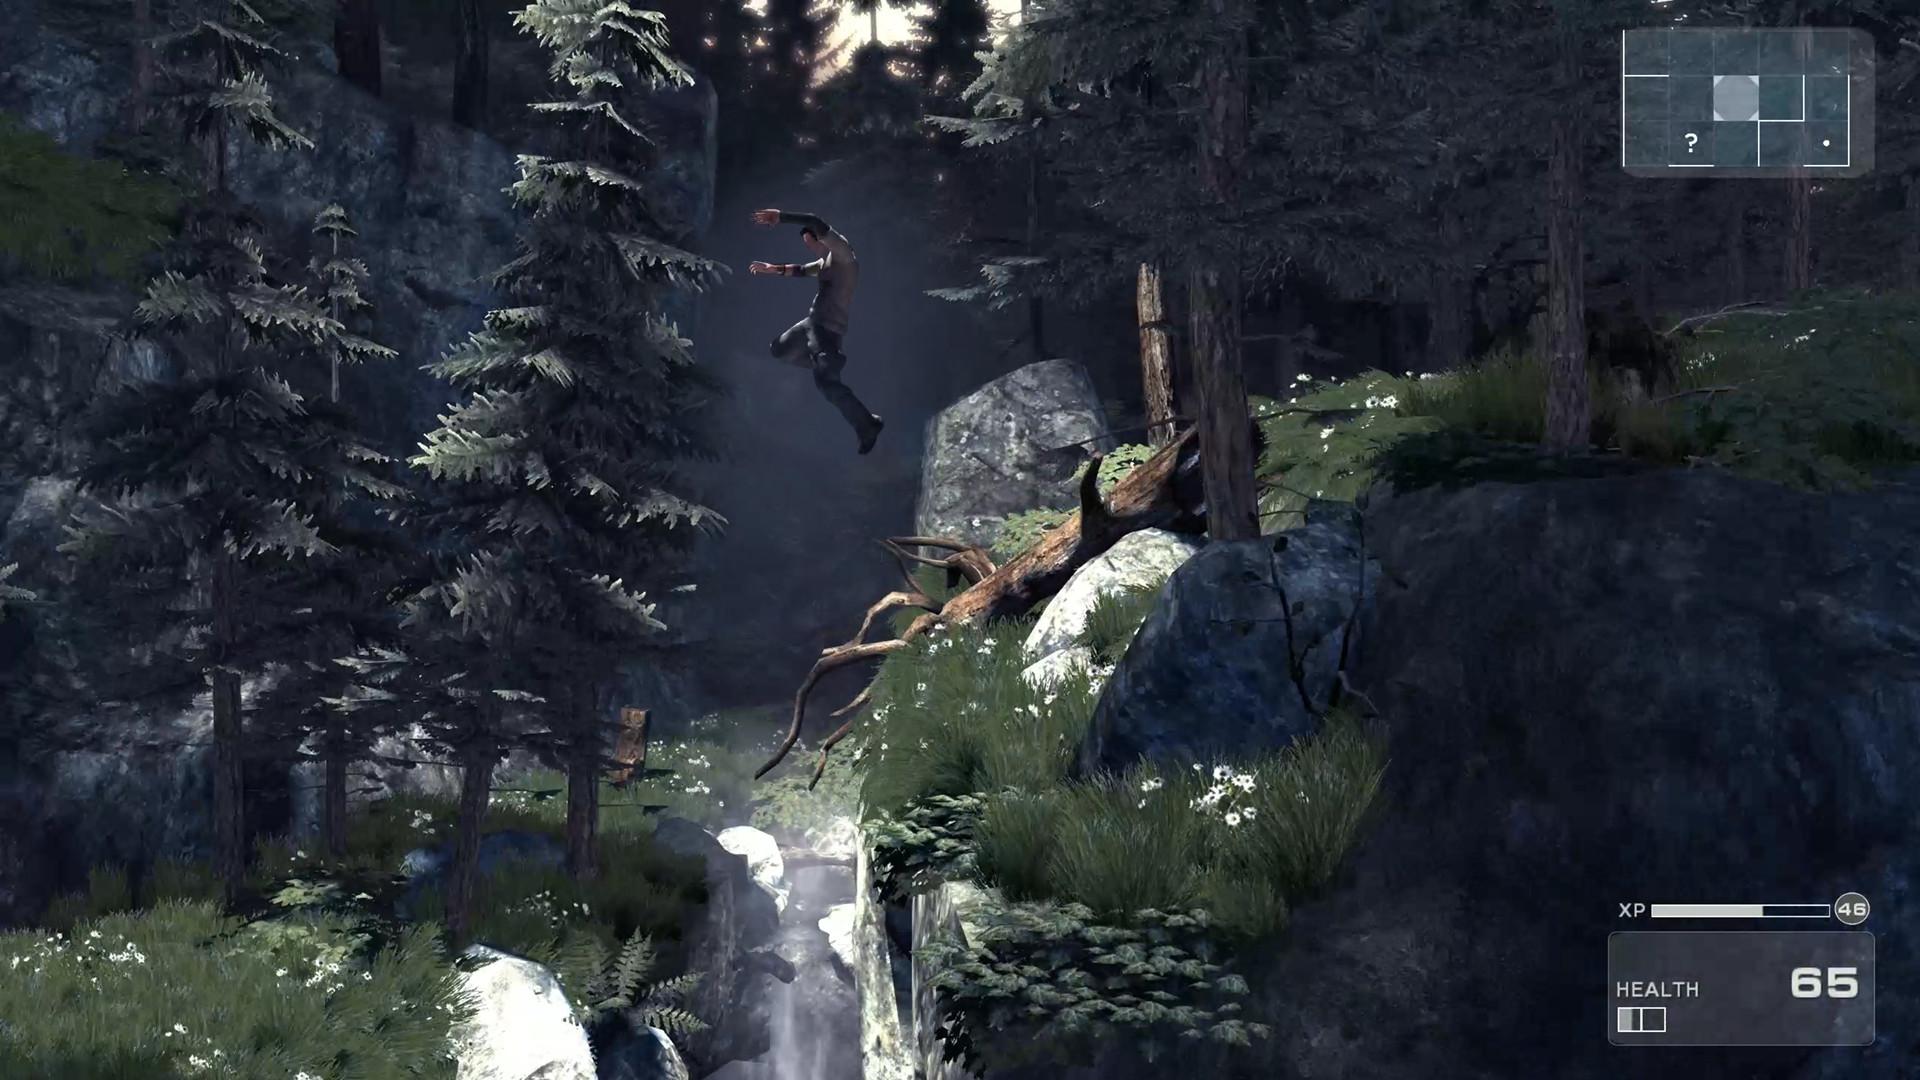 Les paysages extérieurs de Shadow Complex Remastered sont très sympas.